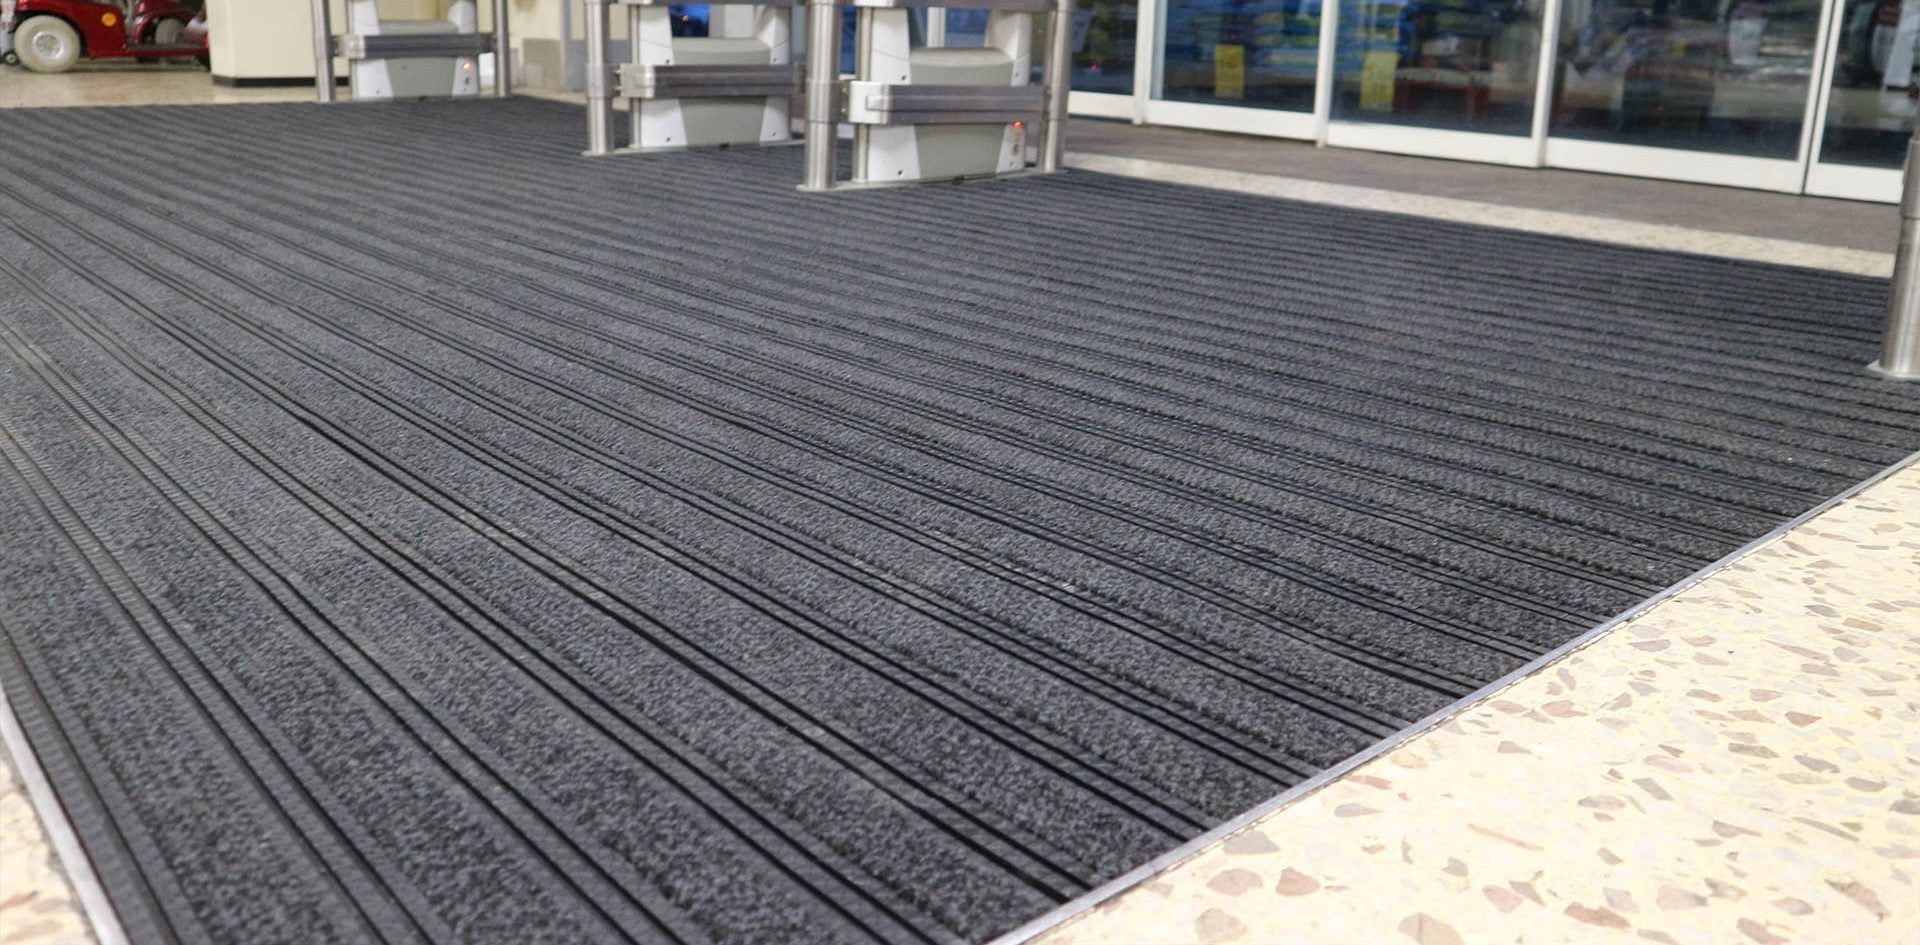 Tesco entrance matting